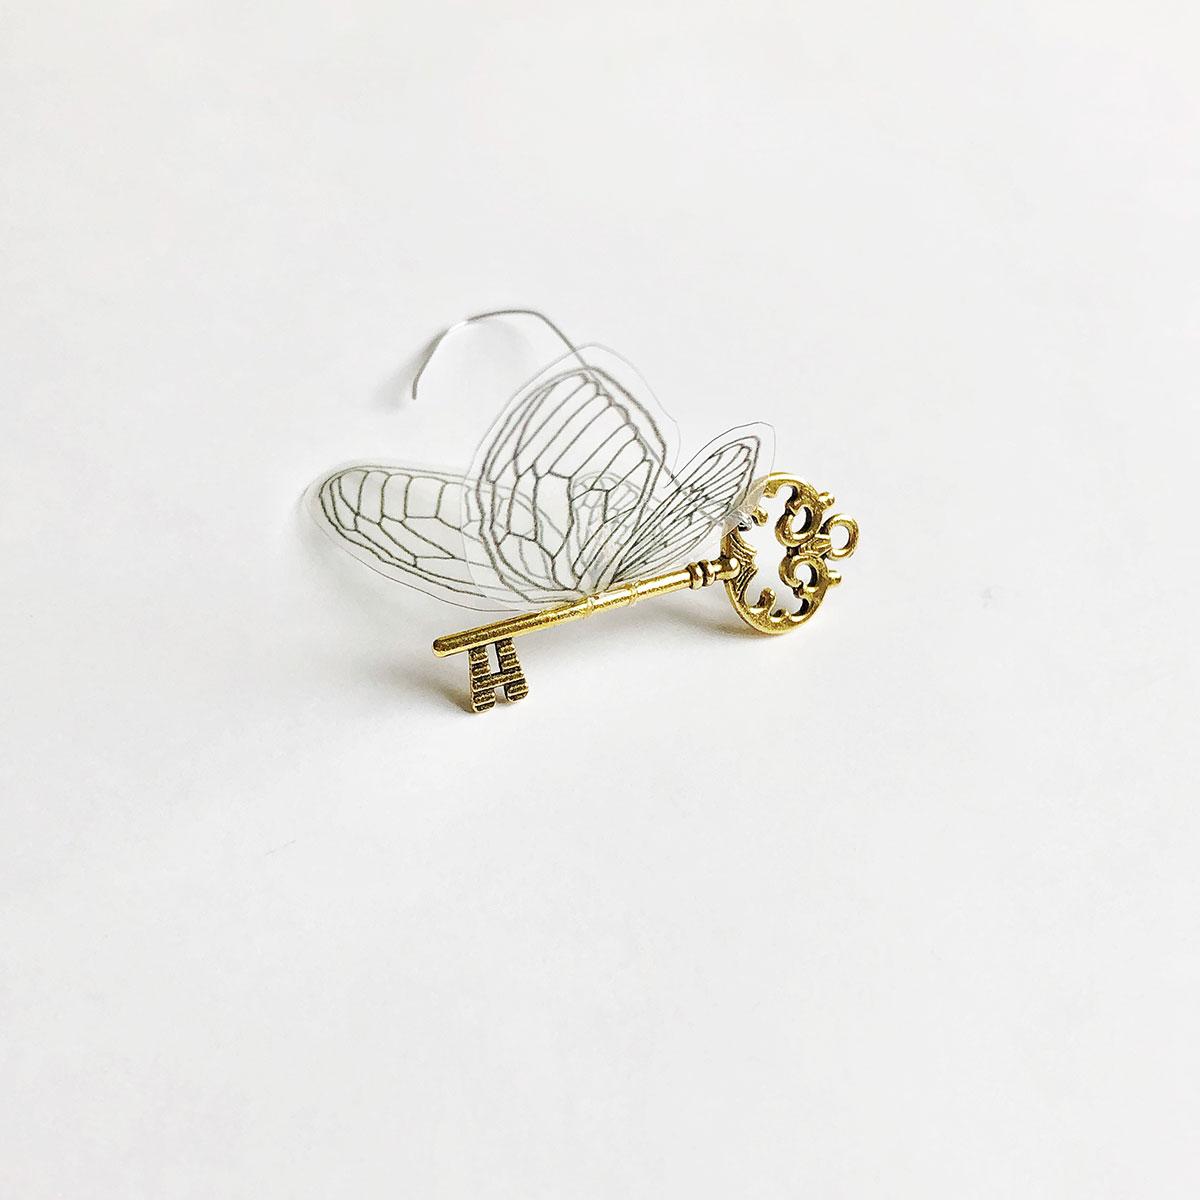 jenn-garman-artist-hp-flying-key-tiny